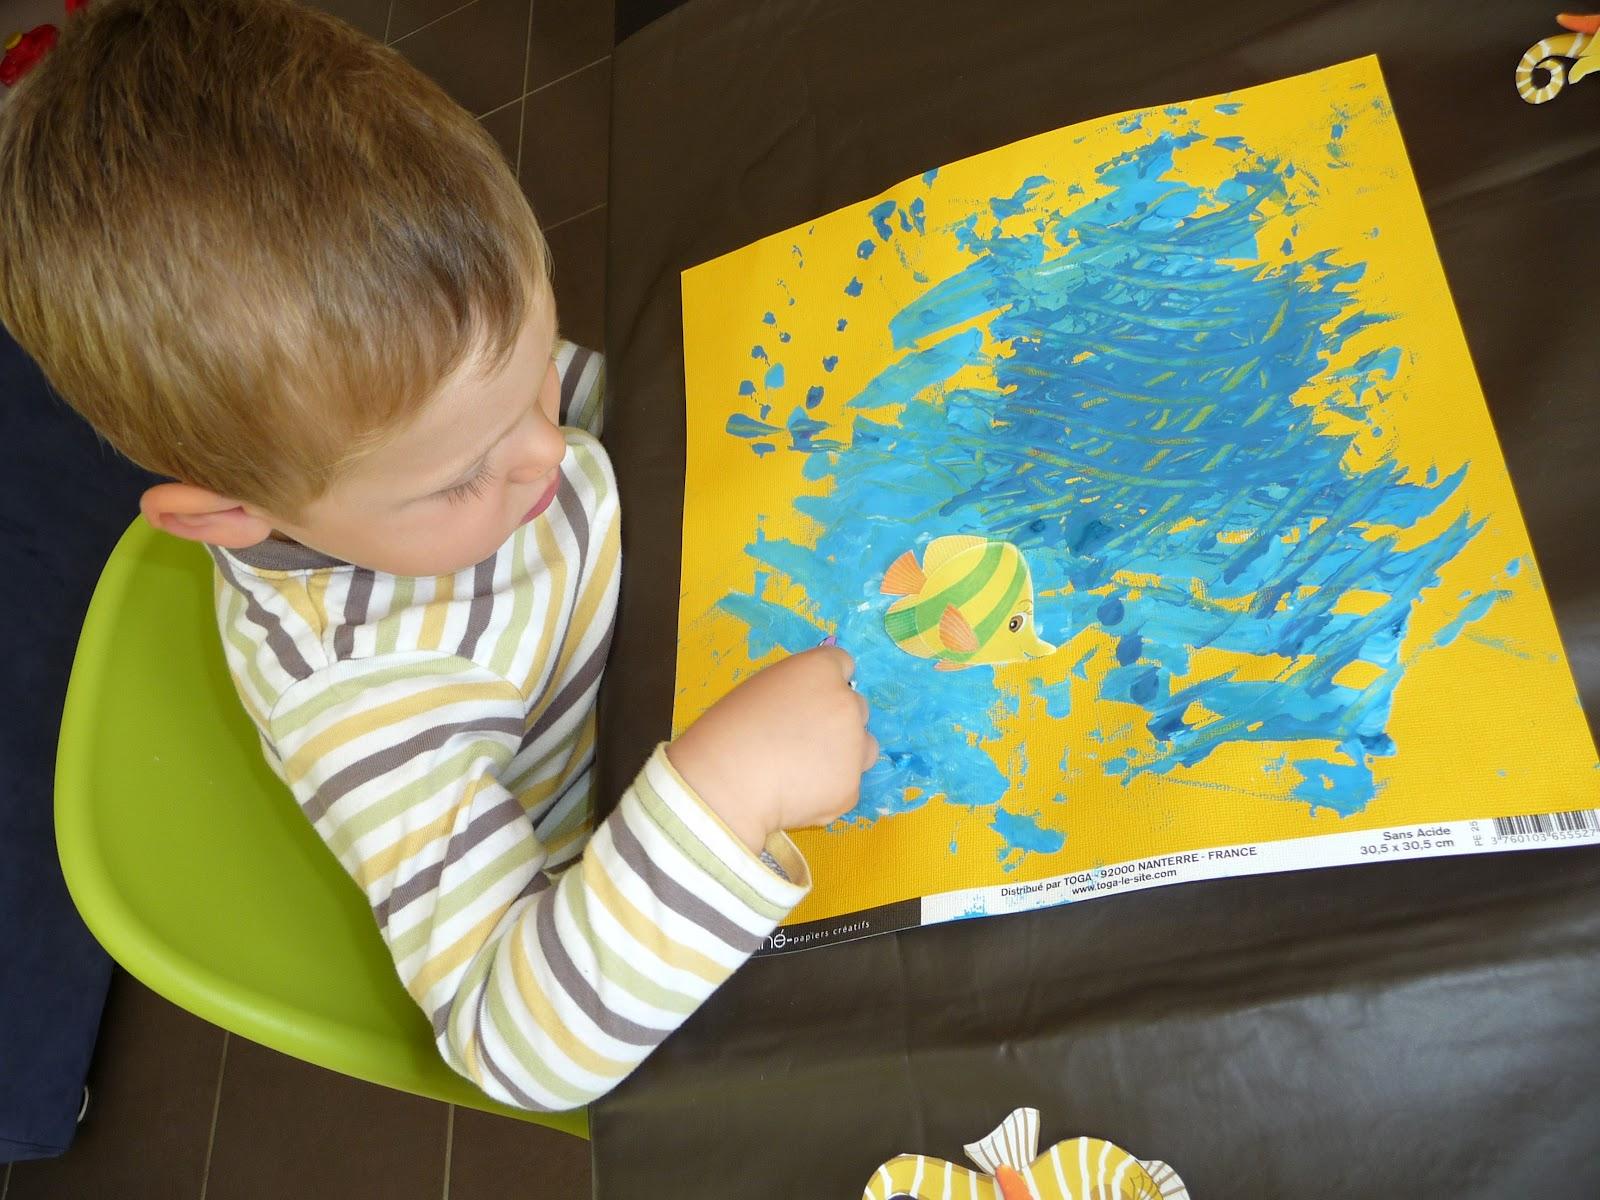 Chez fant mette ao t 2012 for Peinture a la spatule